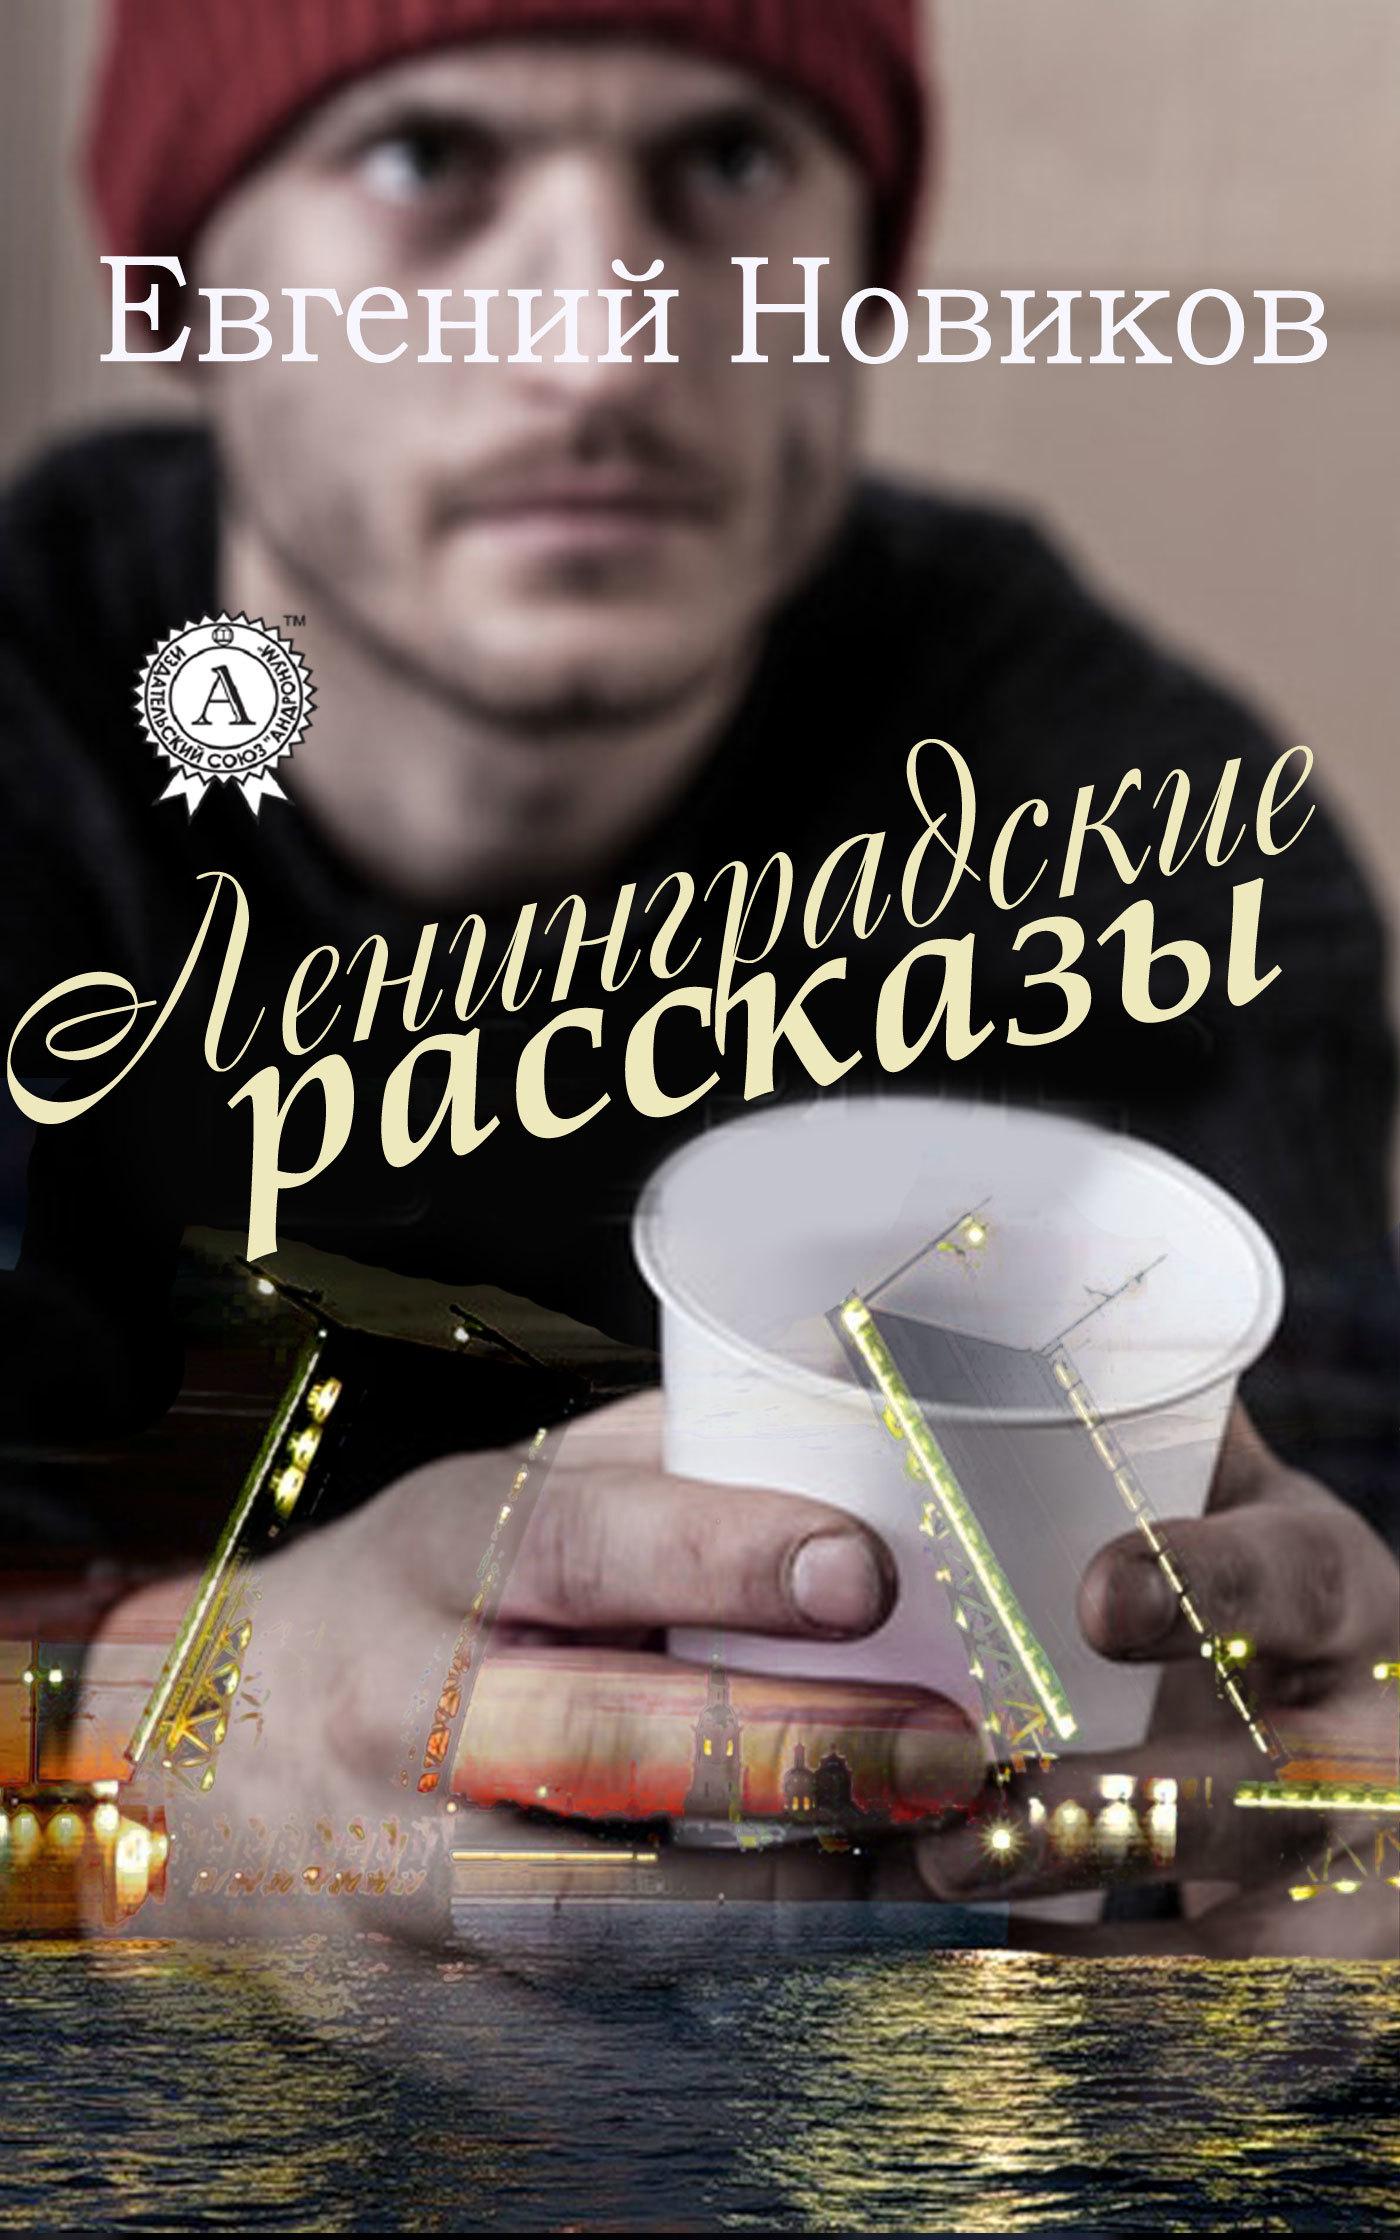 Евгений Новиков Ленинградские рассказы